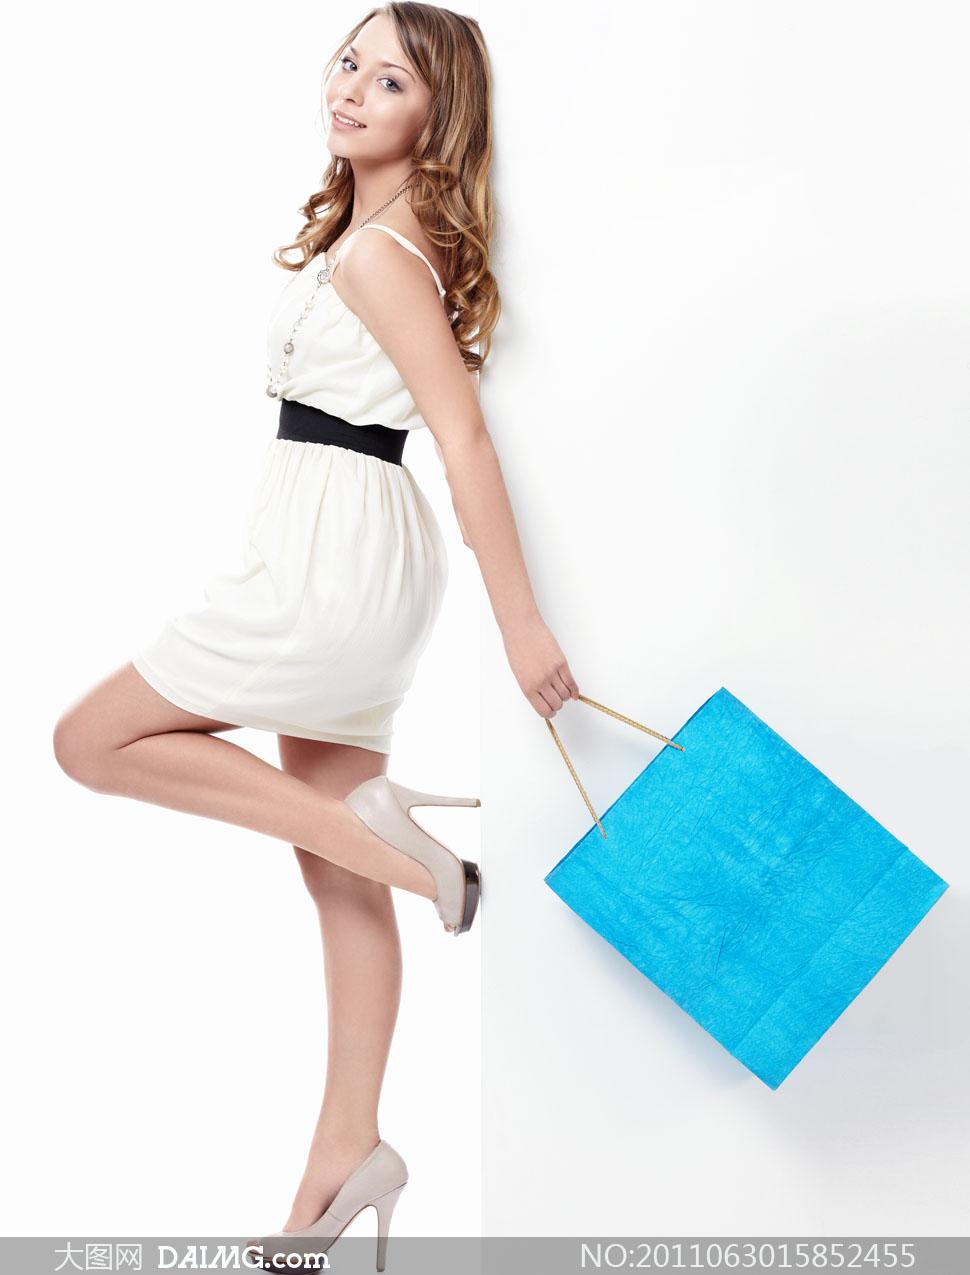 手提购物袋靓丽美女人物高清图片